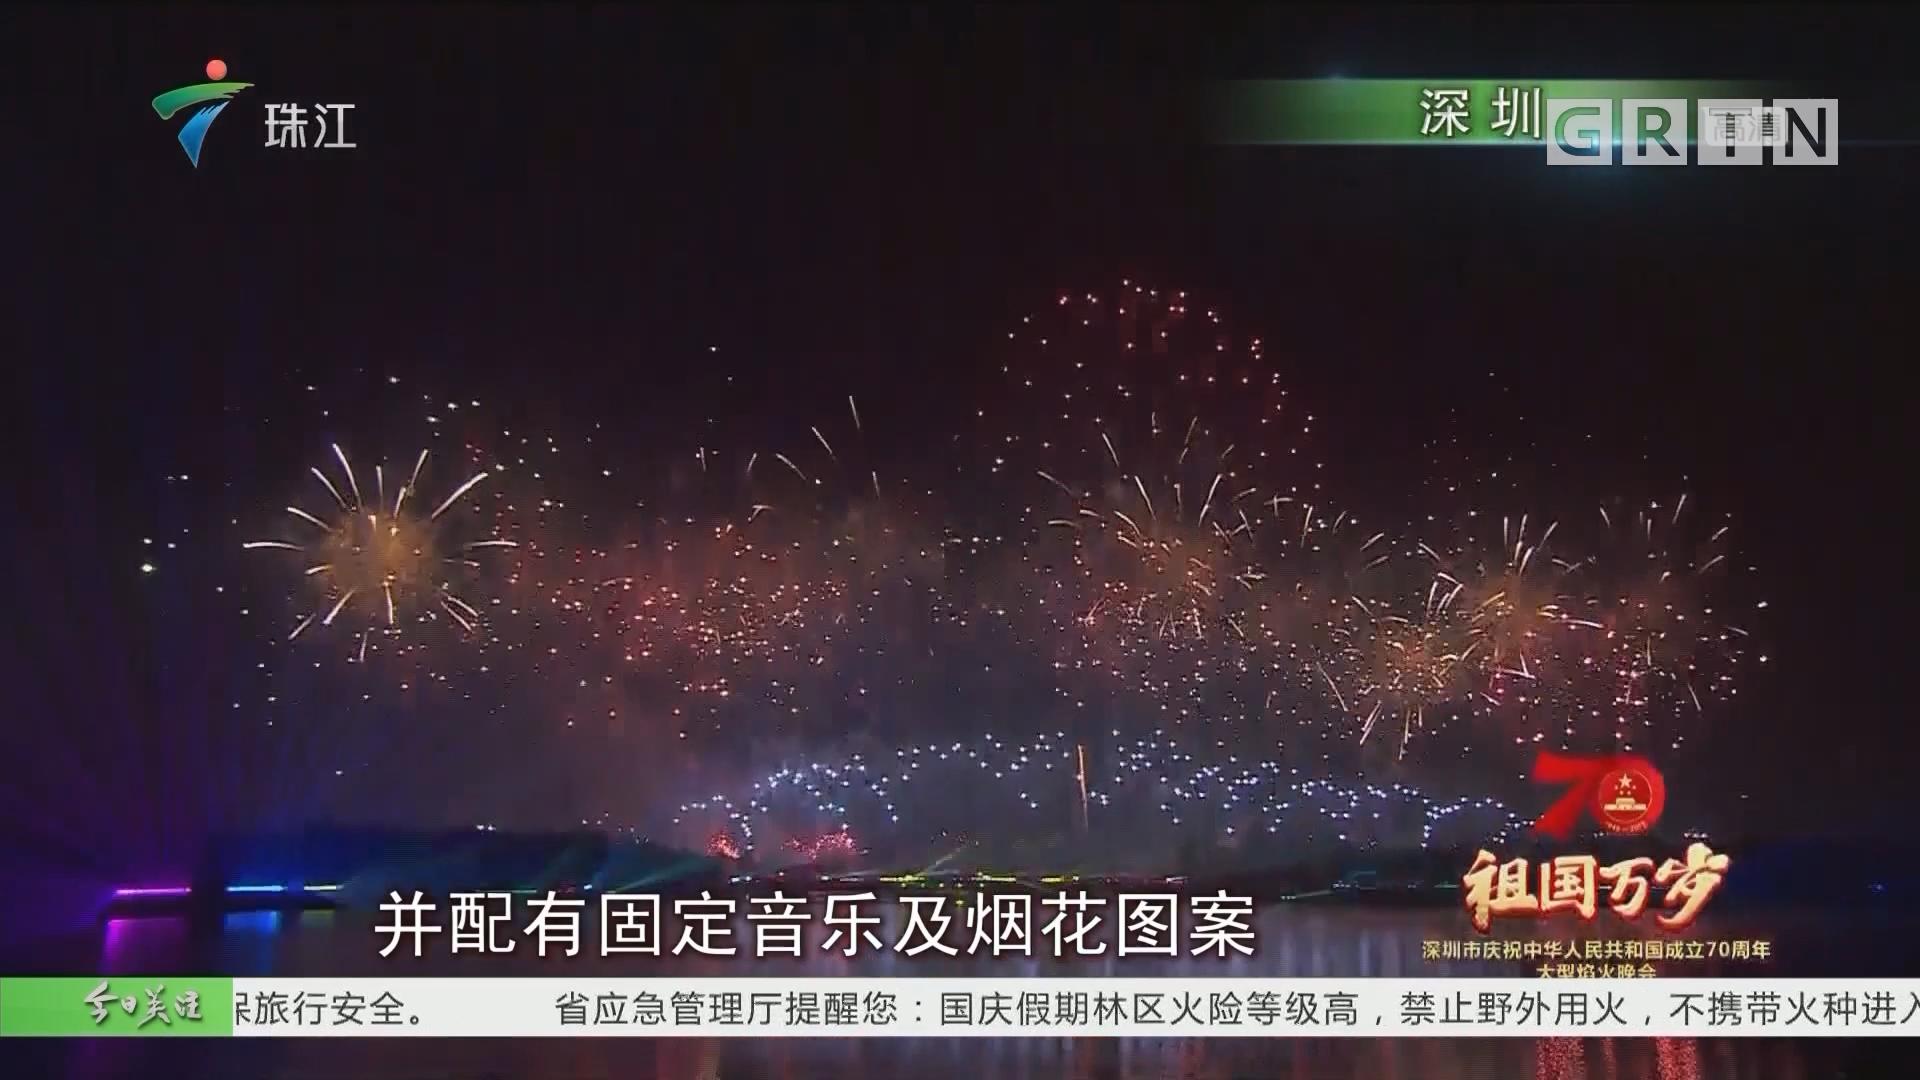 深圳举办焰火晚会庆祝新中国70华诞